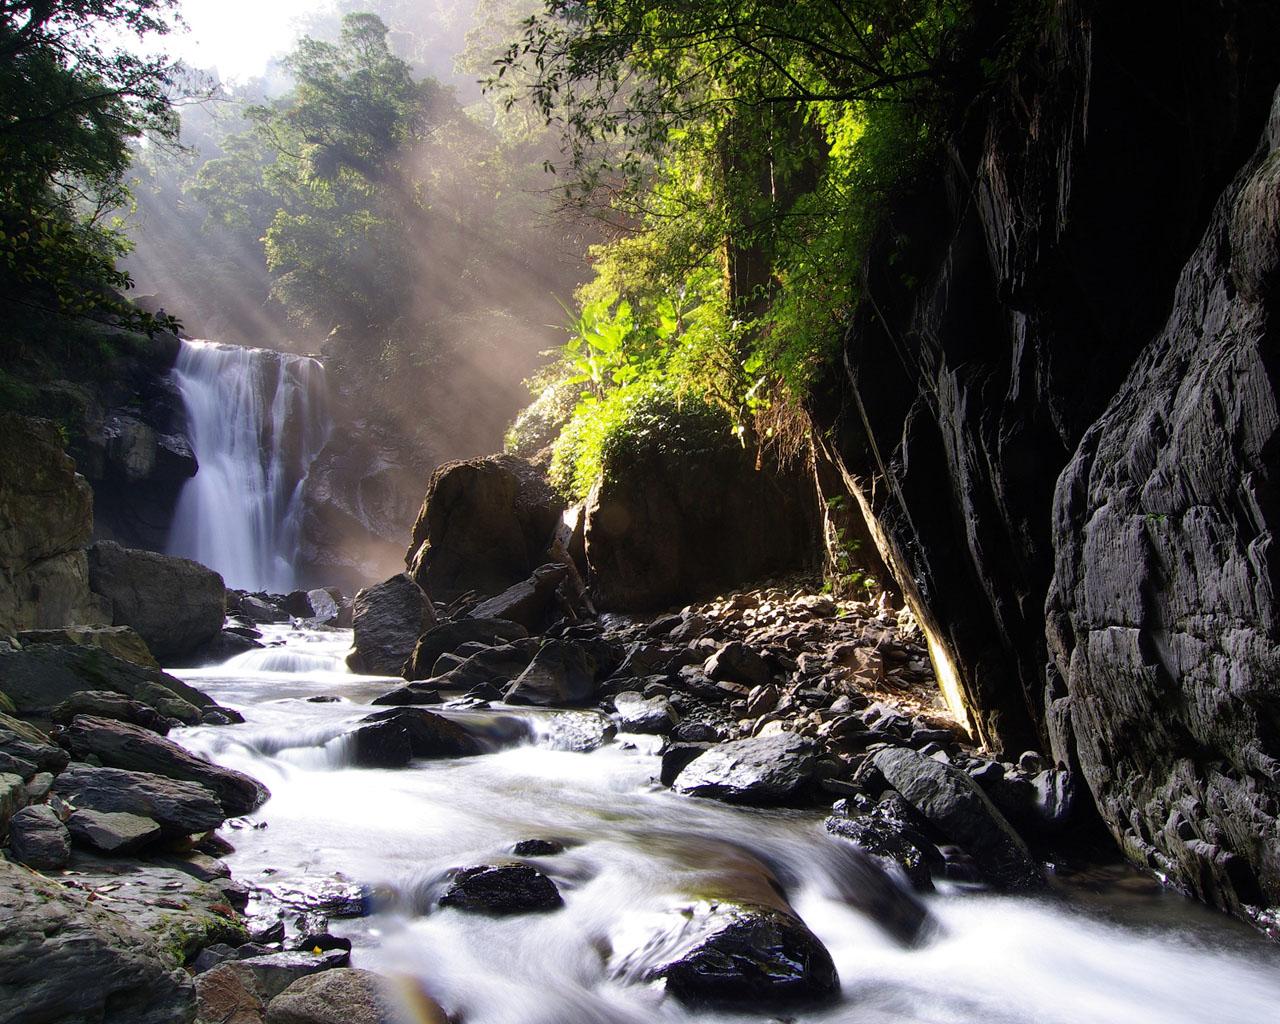 Izvori, potoci i rijeke - Page 6 Tapetynaplochu-org-1280x1024-15062009090455